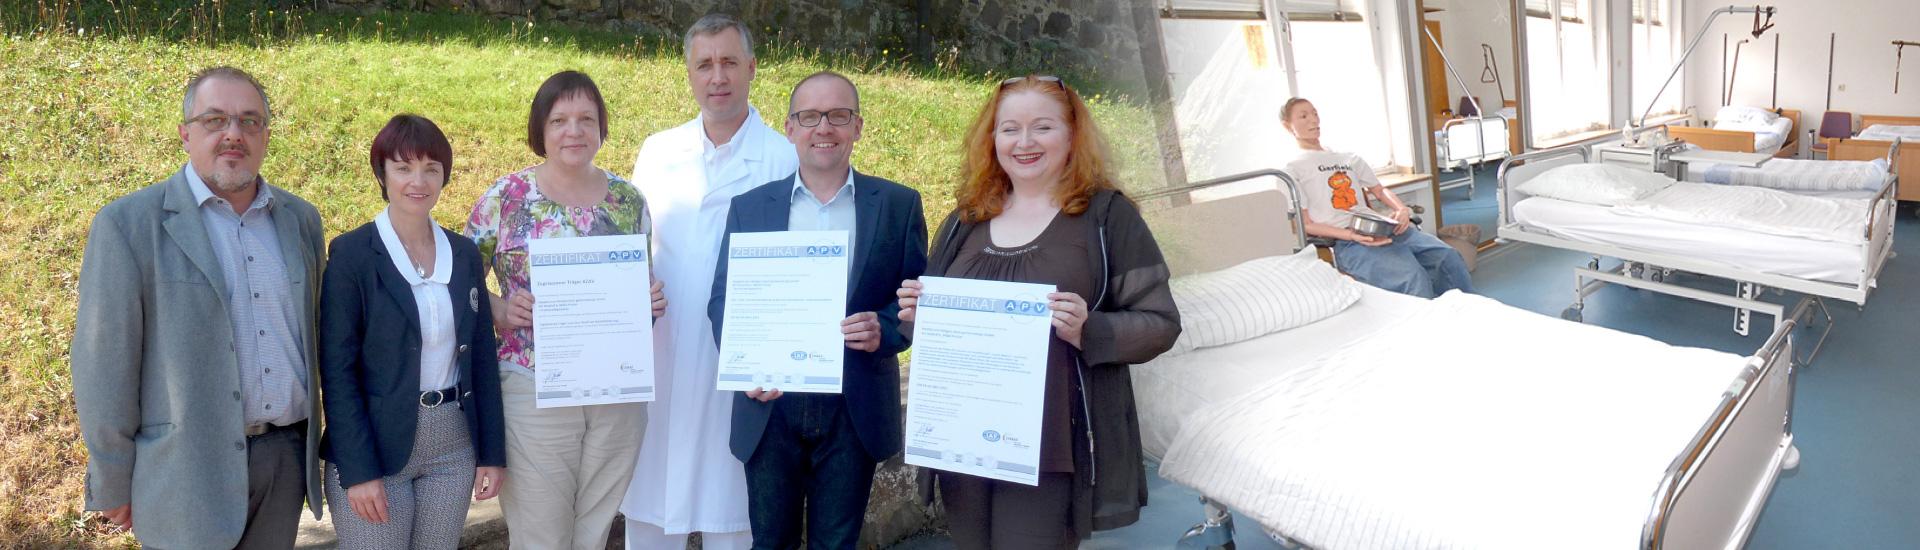 Zertifikatsübergabe nach erfolgreich durchgeführter DIN EN ISO 9001:2015 Re-Zertifizierung und AZAV Re-Zulassung bei der Krankenpflegeschule der Hospital zum Heiligen Geist gemeinnützige GmbH